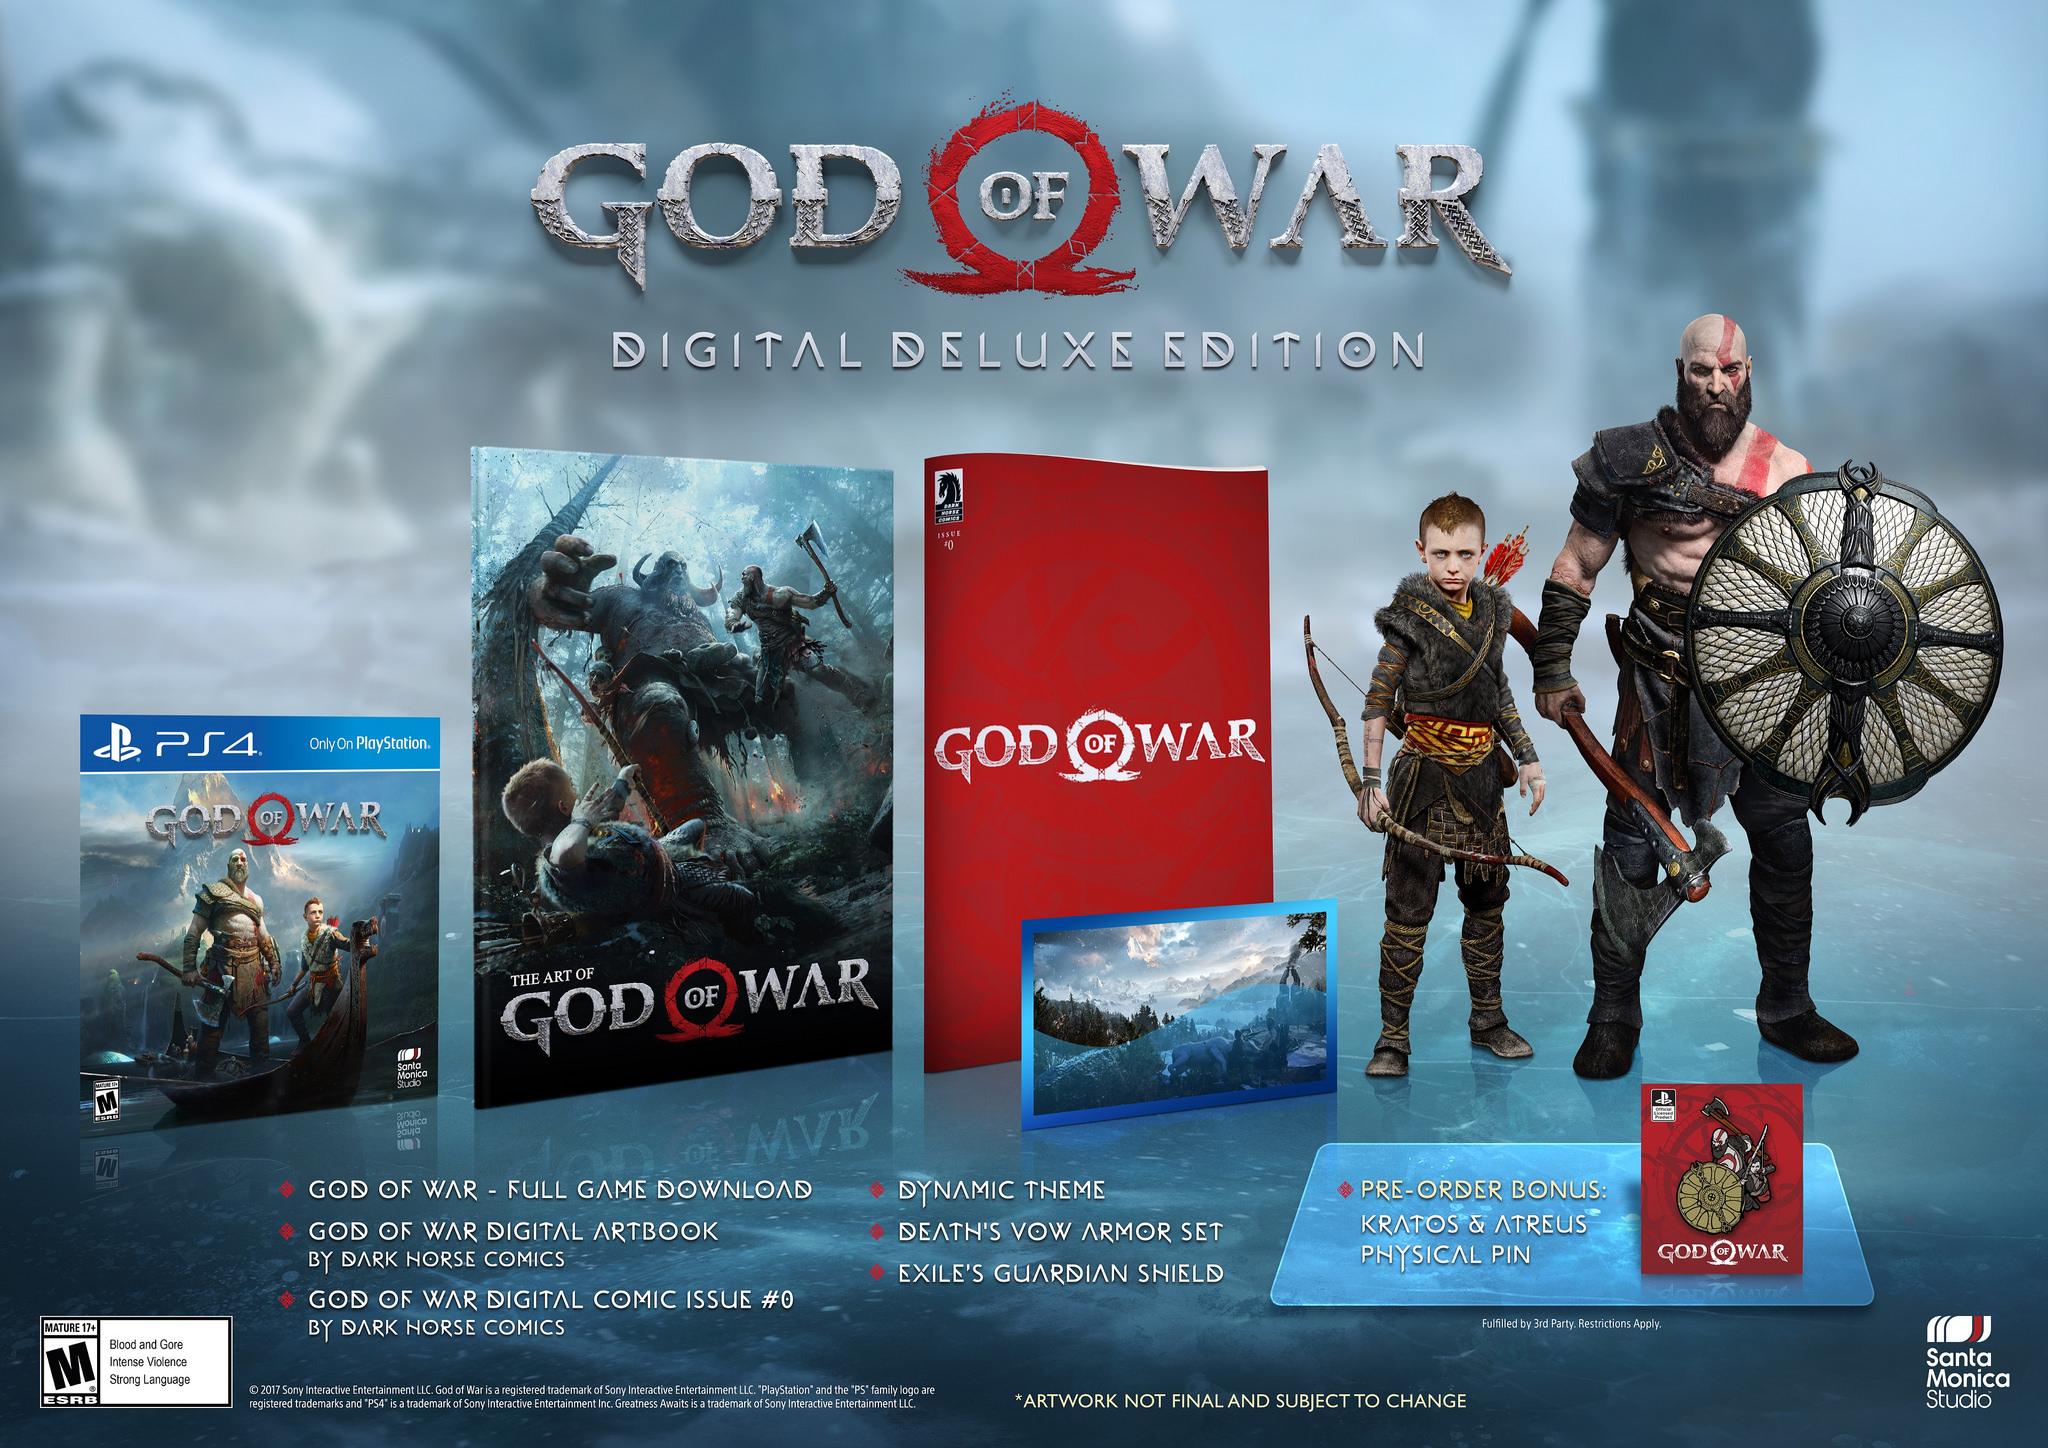 God of War vyjde skutečně 20. dubna 28068236999 a07b8dd653 k